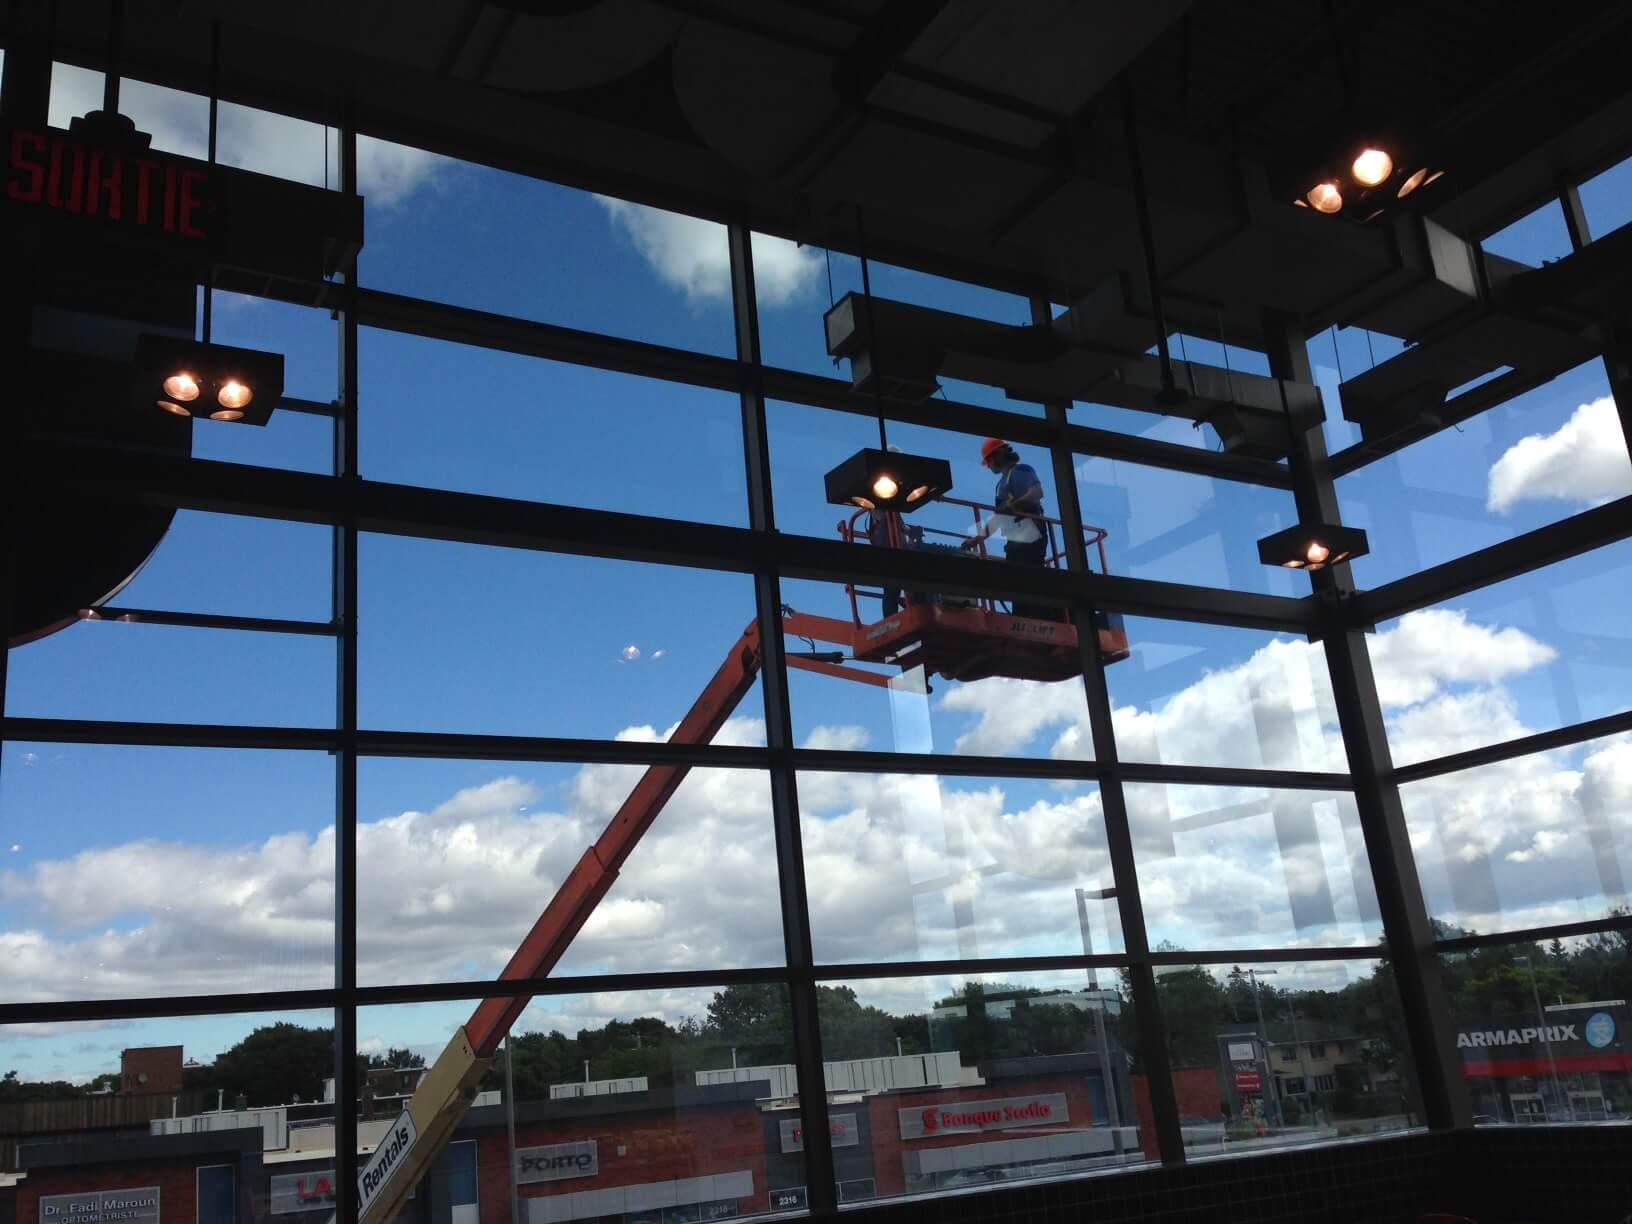 Clear Prestige exterior window film that cuts the heat